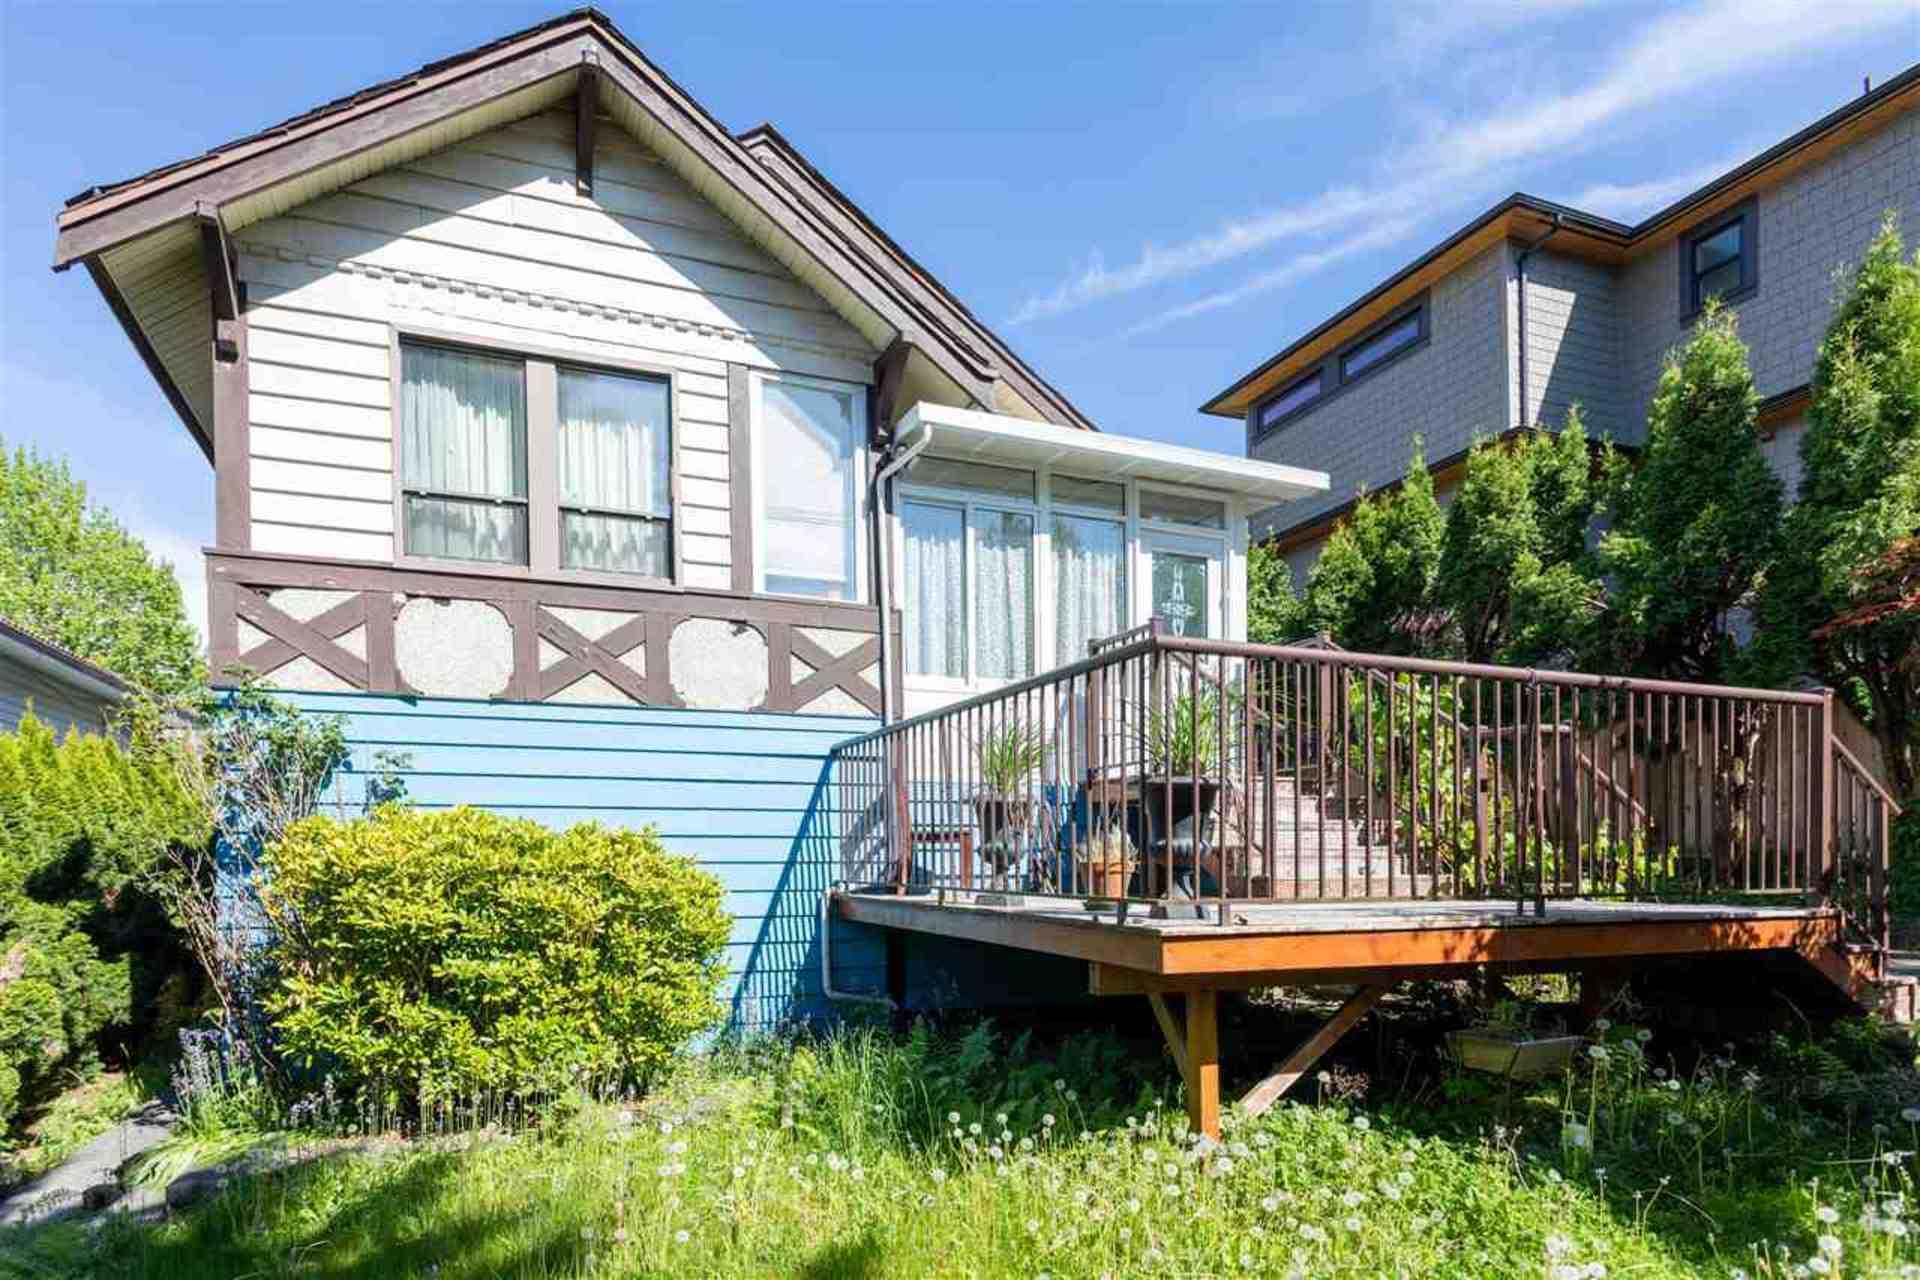 6036-brantford-avenue-upper-deer-lake-burnaby-south-05 at 6036 Brantford Avenue, Upper Deer Lake, Burnaby South